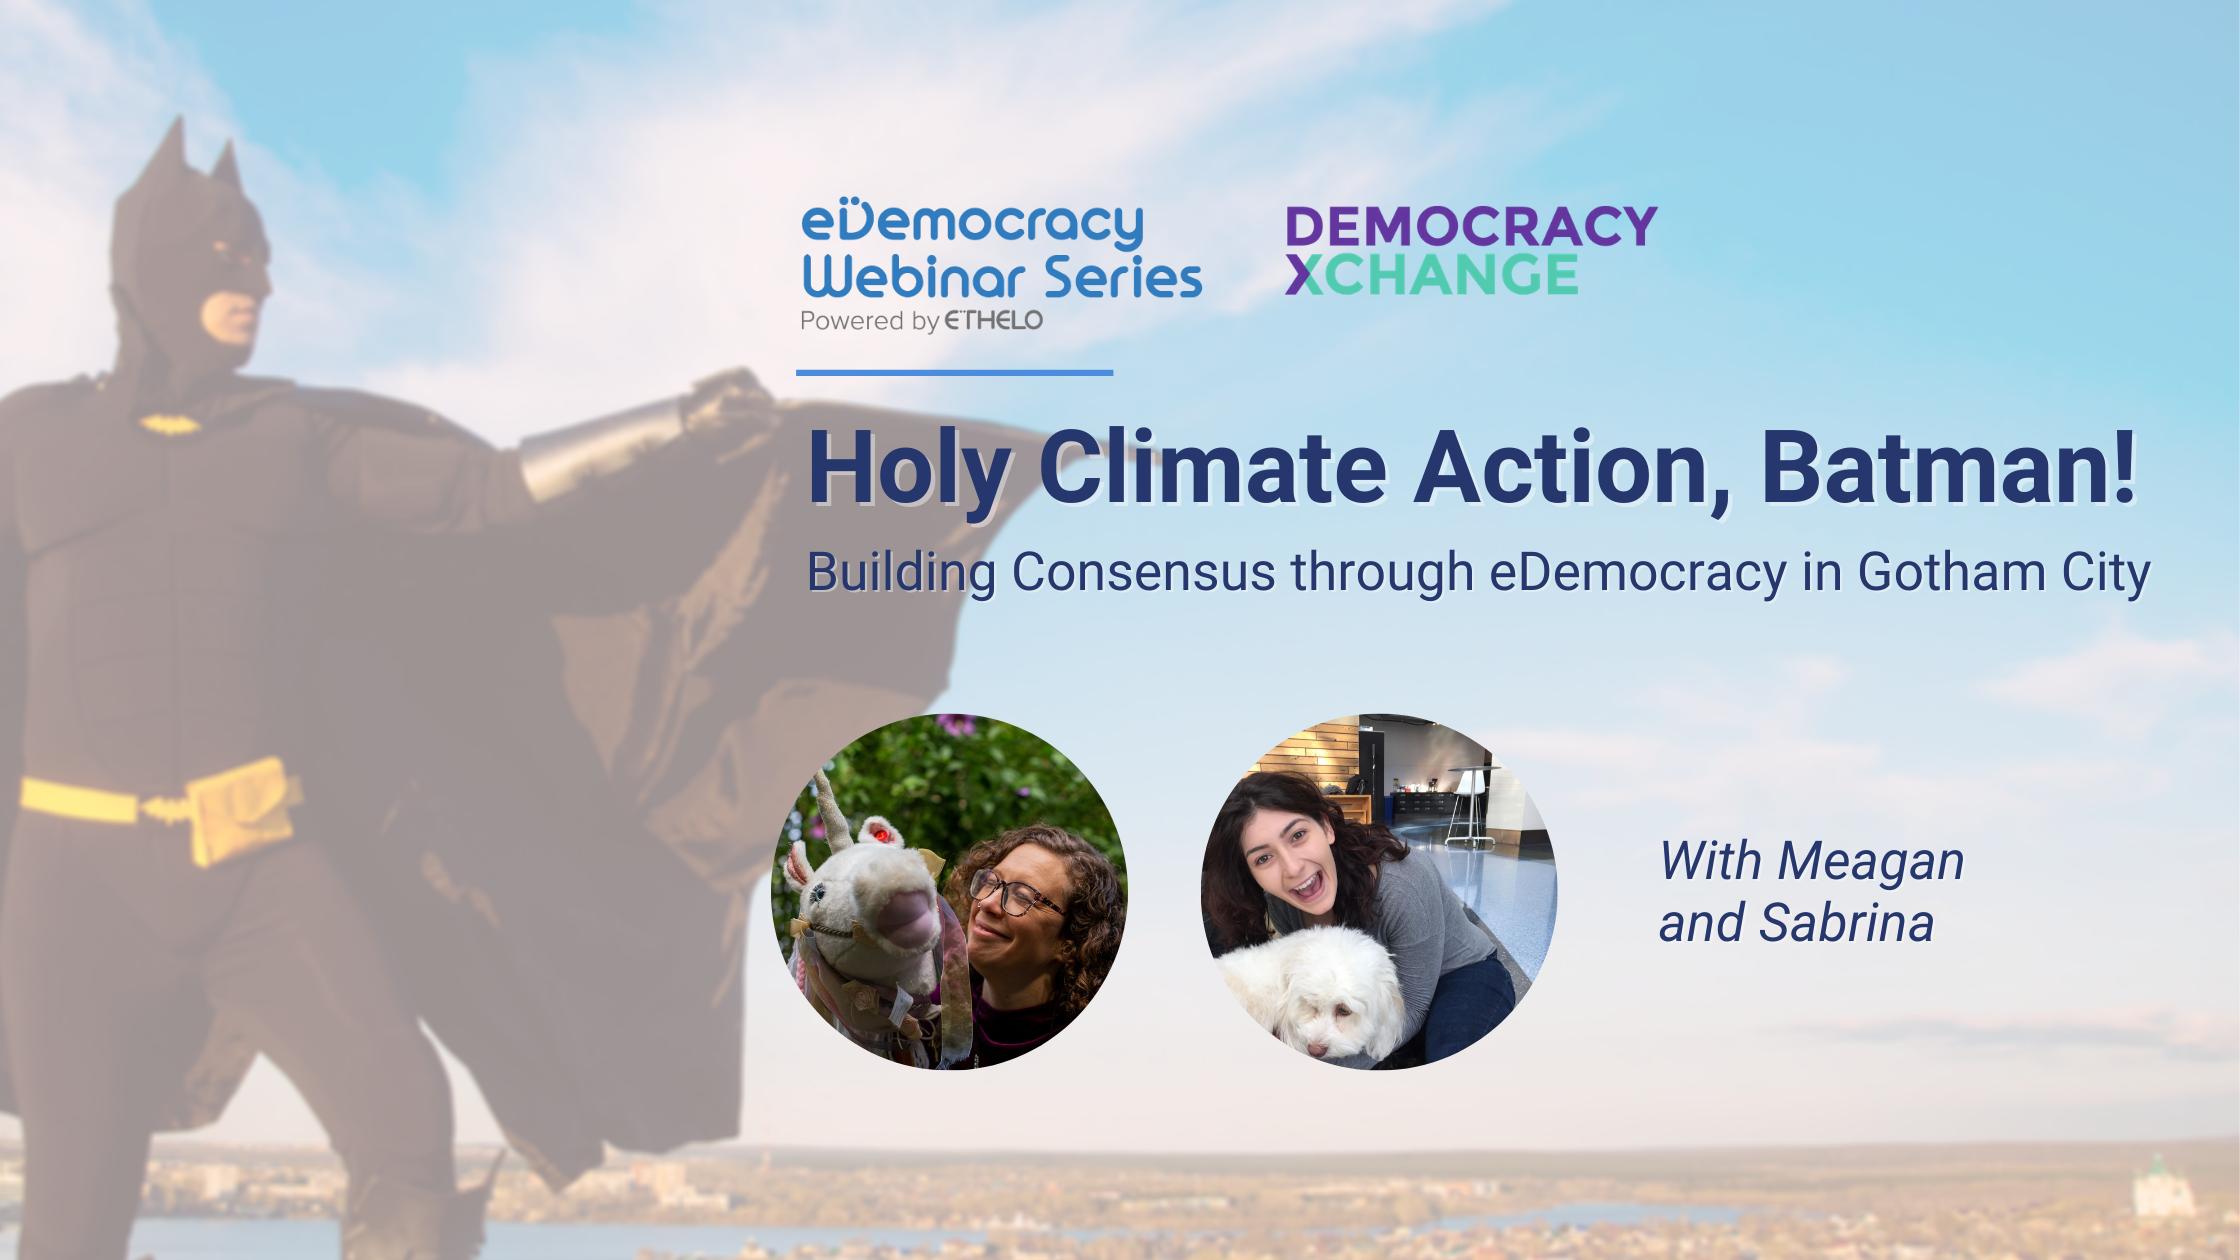 Democracy XChange - Feature Image (1)